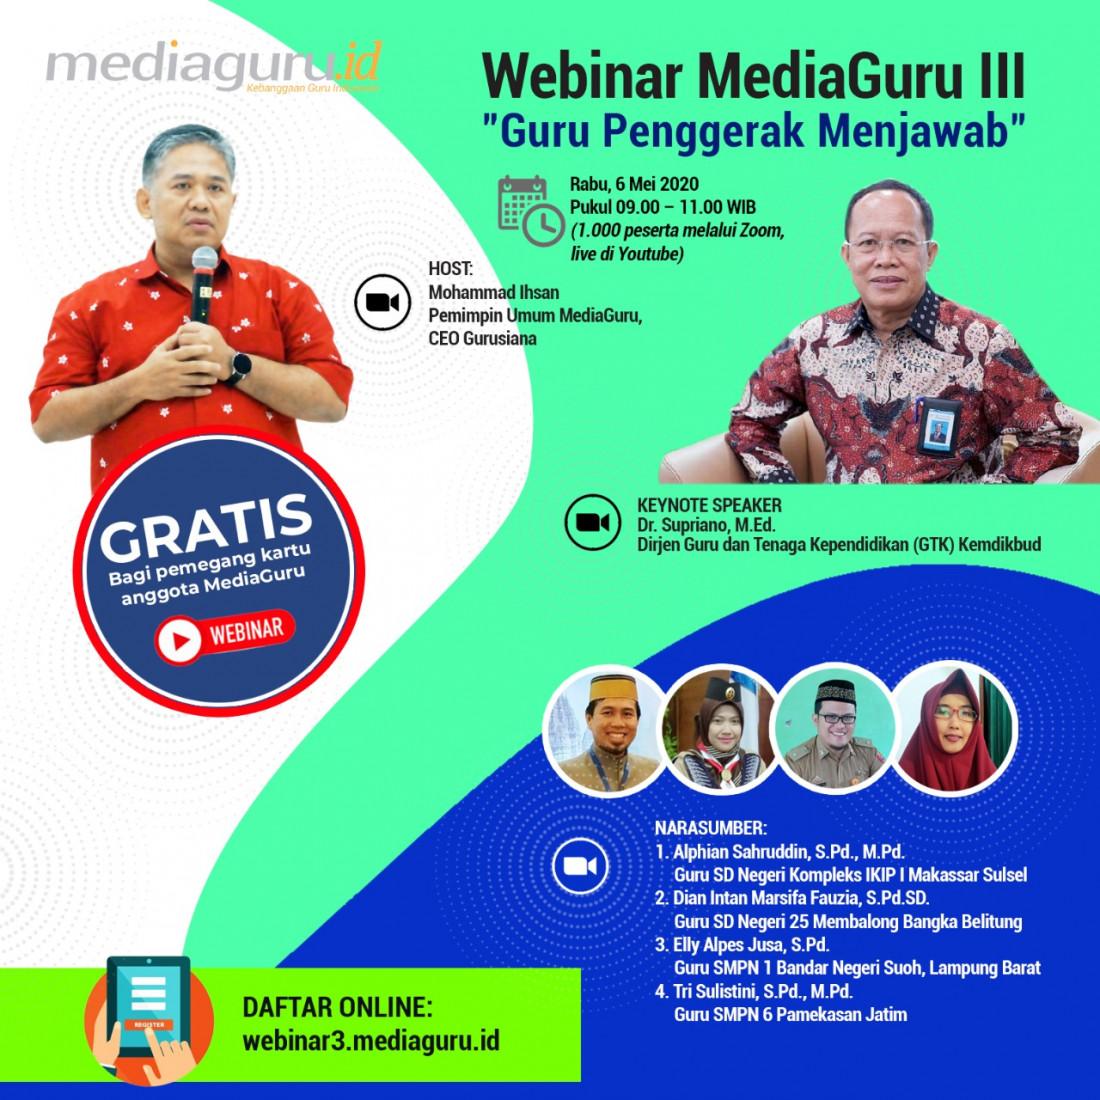 Webinar III MediaGuru